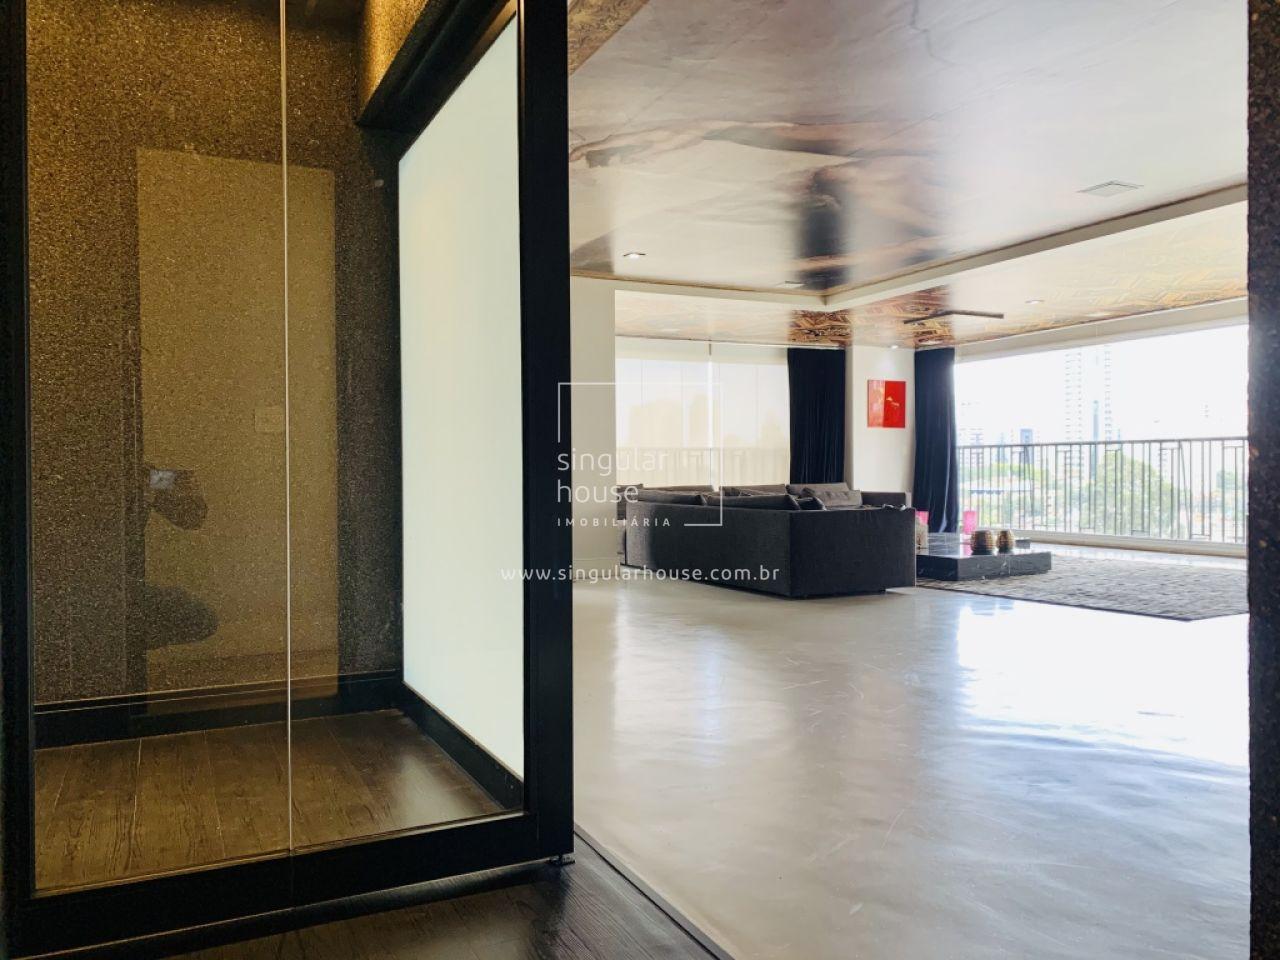 ALTO PADRÃO MOBILIADO 234m² | 3 Suítes | 4 vgs garagem|  Campo Belo Nobre